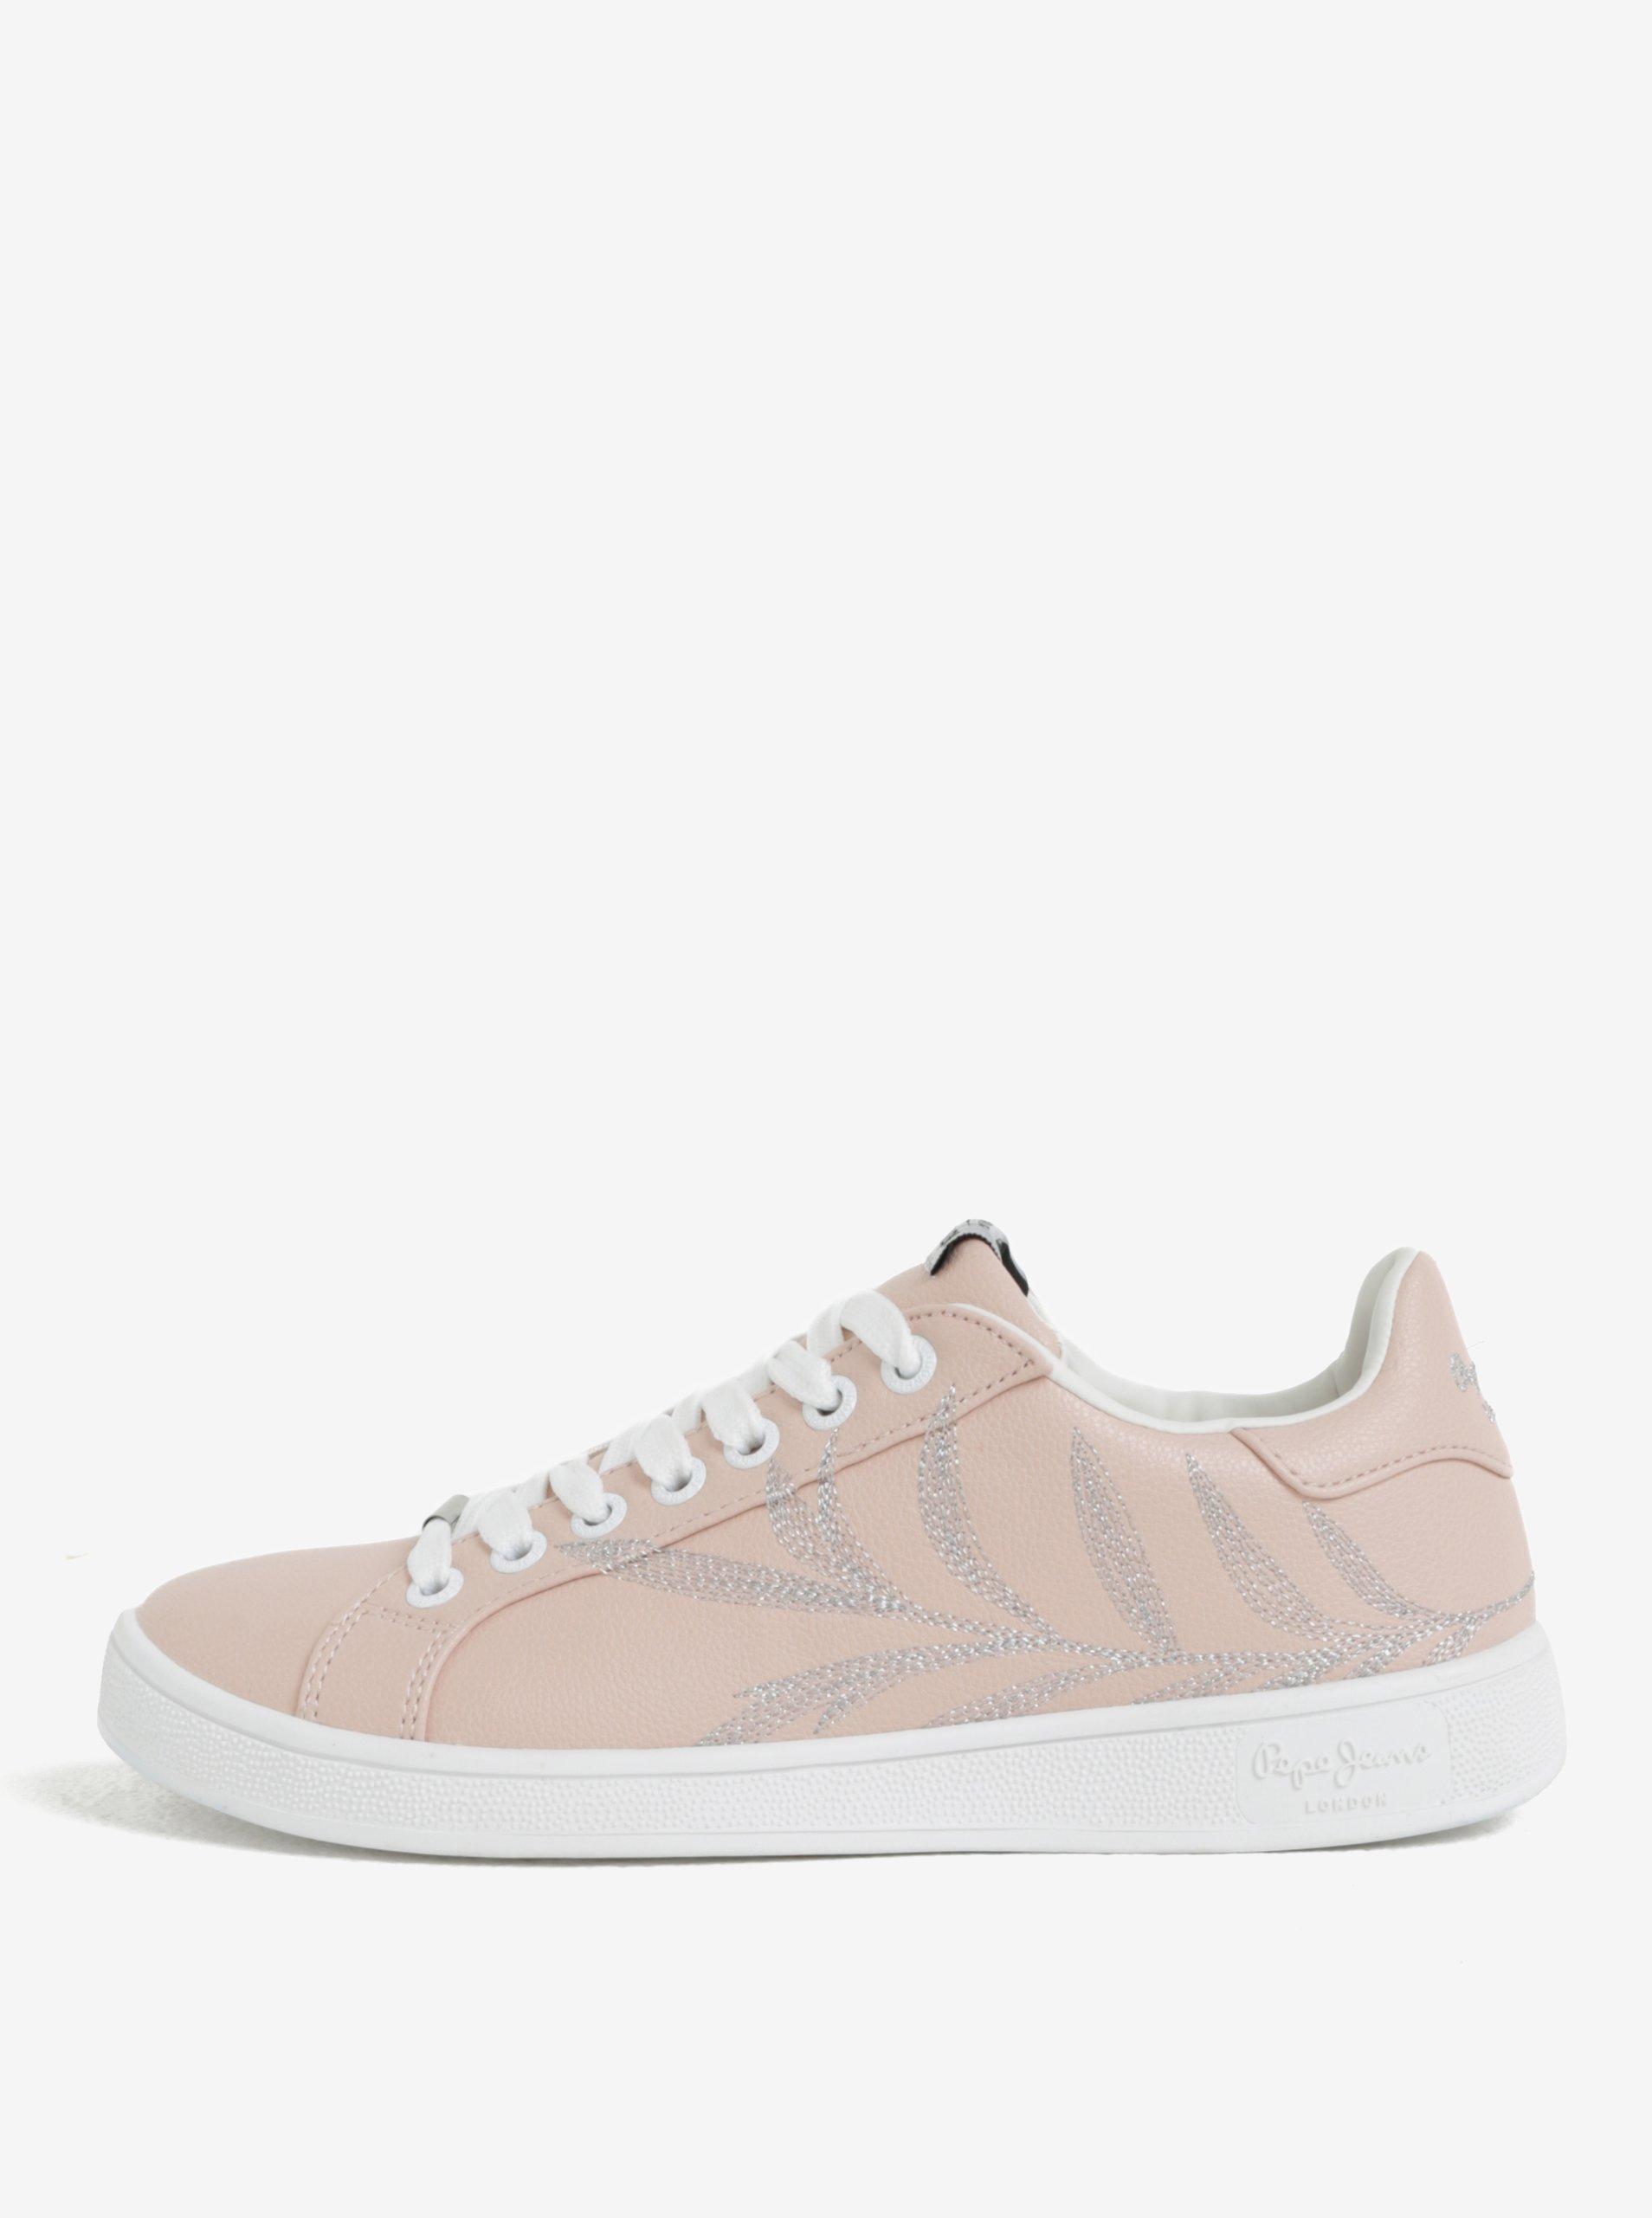 Bílo-růžové dámské tenisky Pepe Jeans Brompton Embroidery 6649ed8794